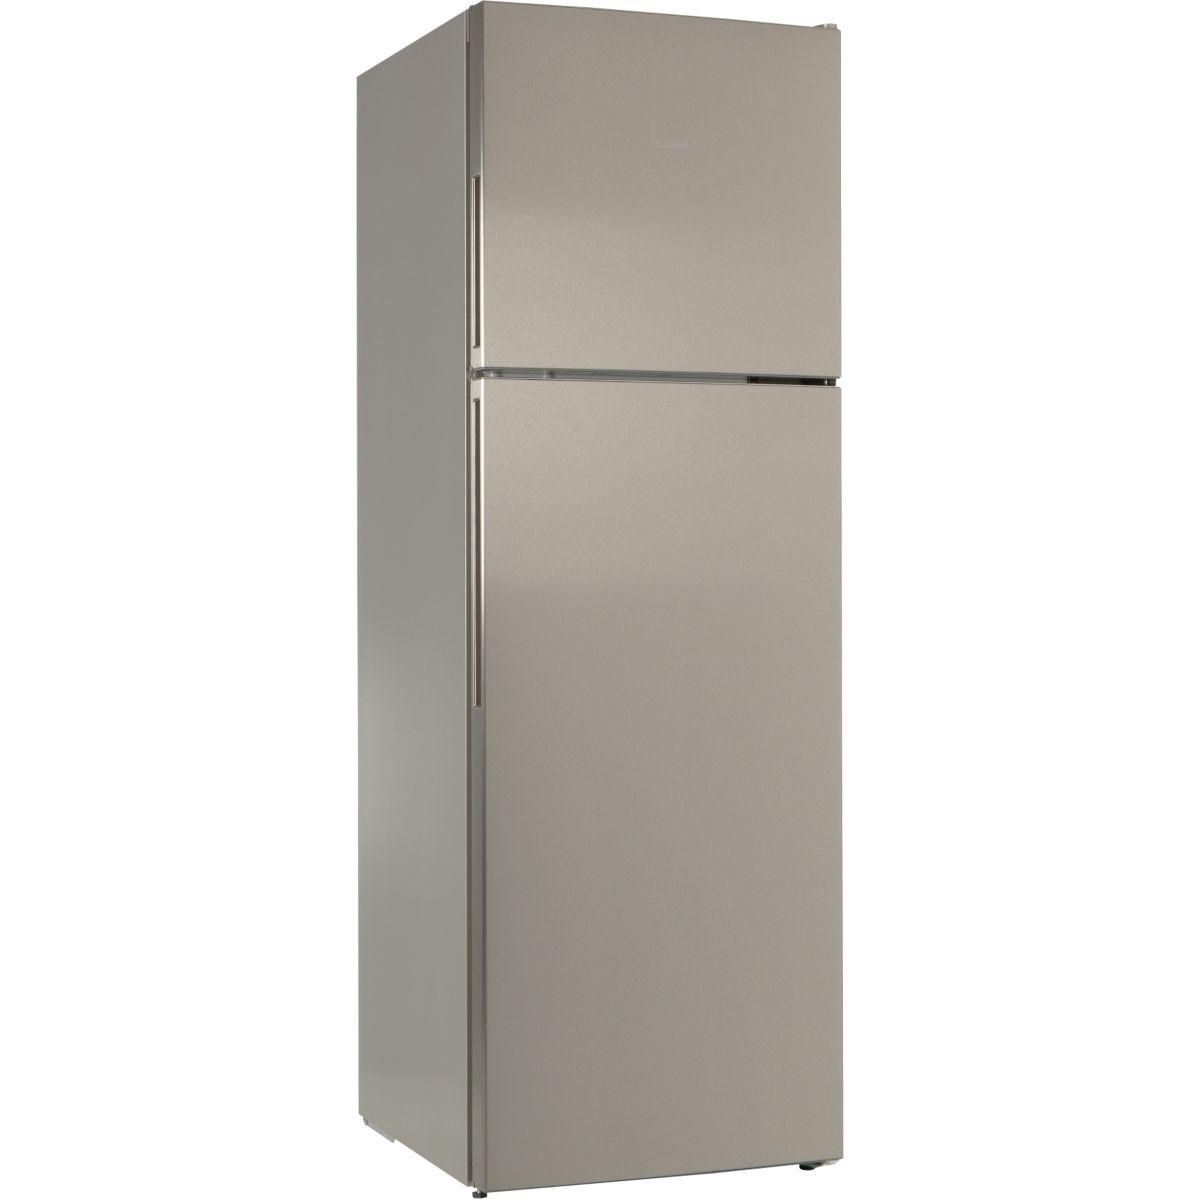 Siemens kd33vvi31 r frig rateur combin confort - Comparateur de prix refrigerateur ...